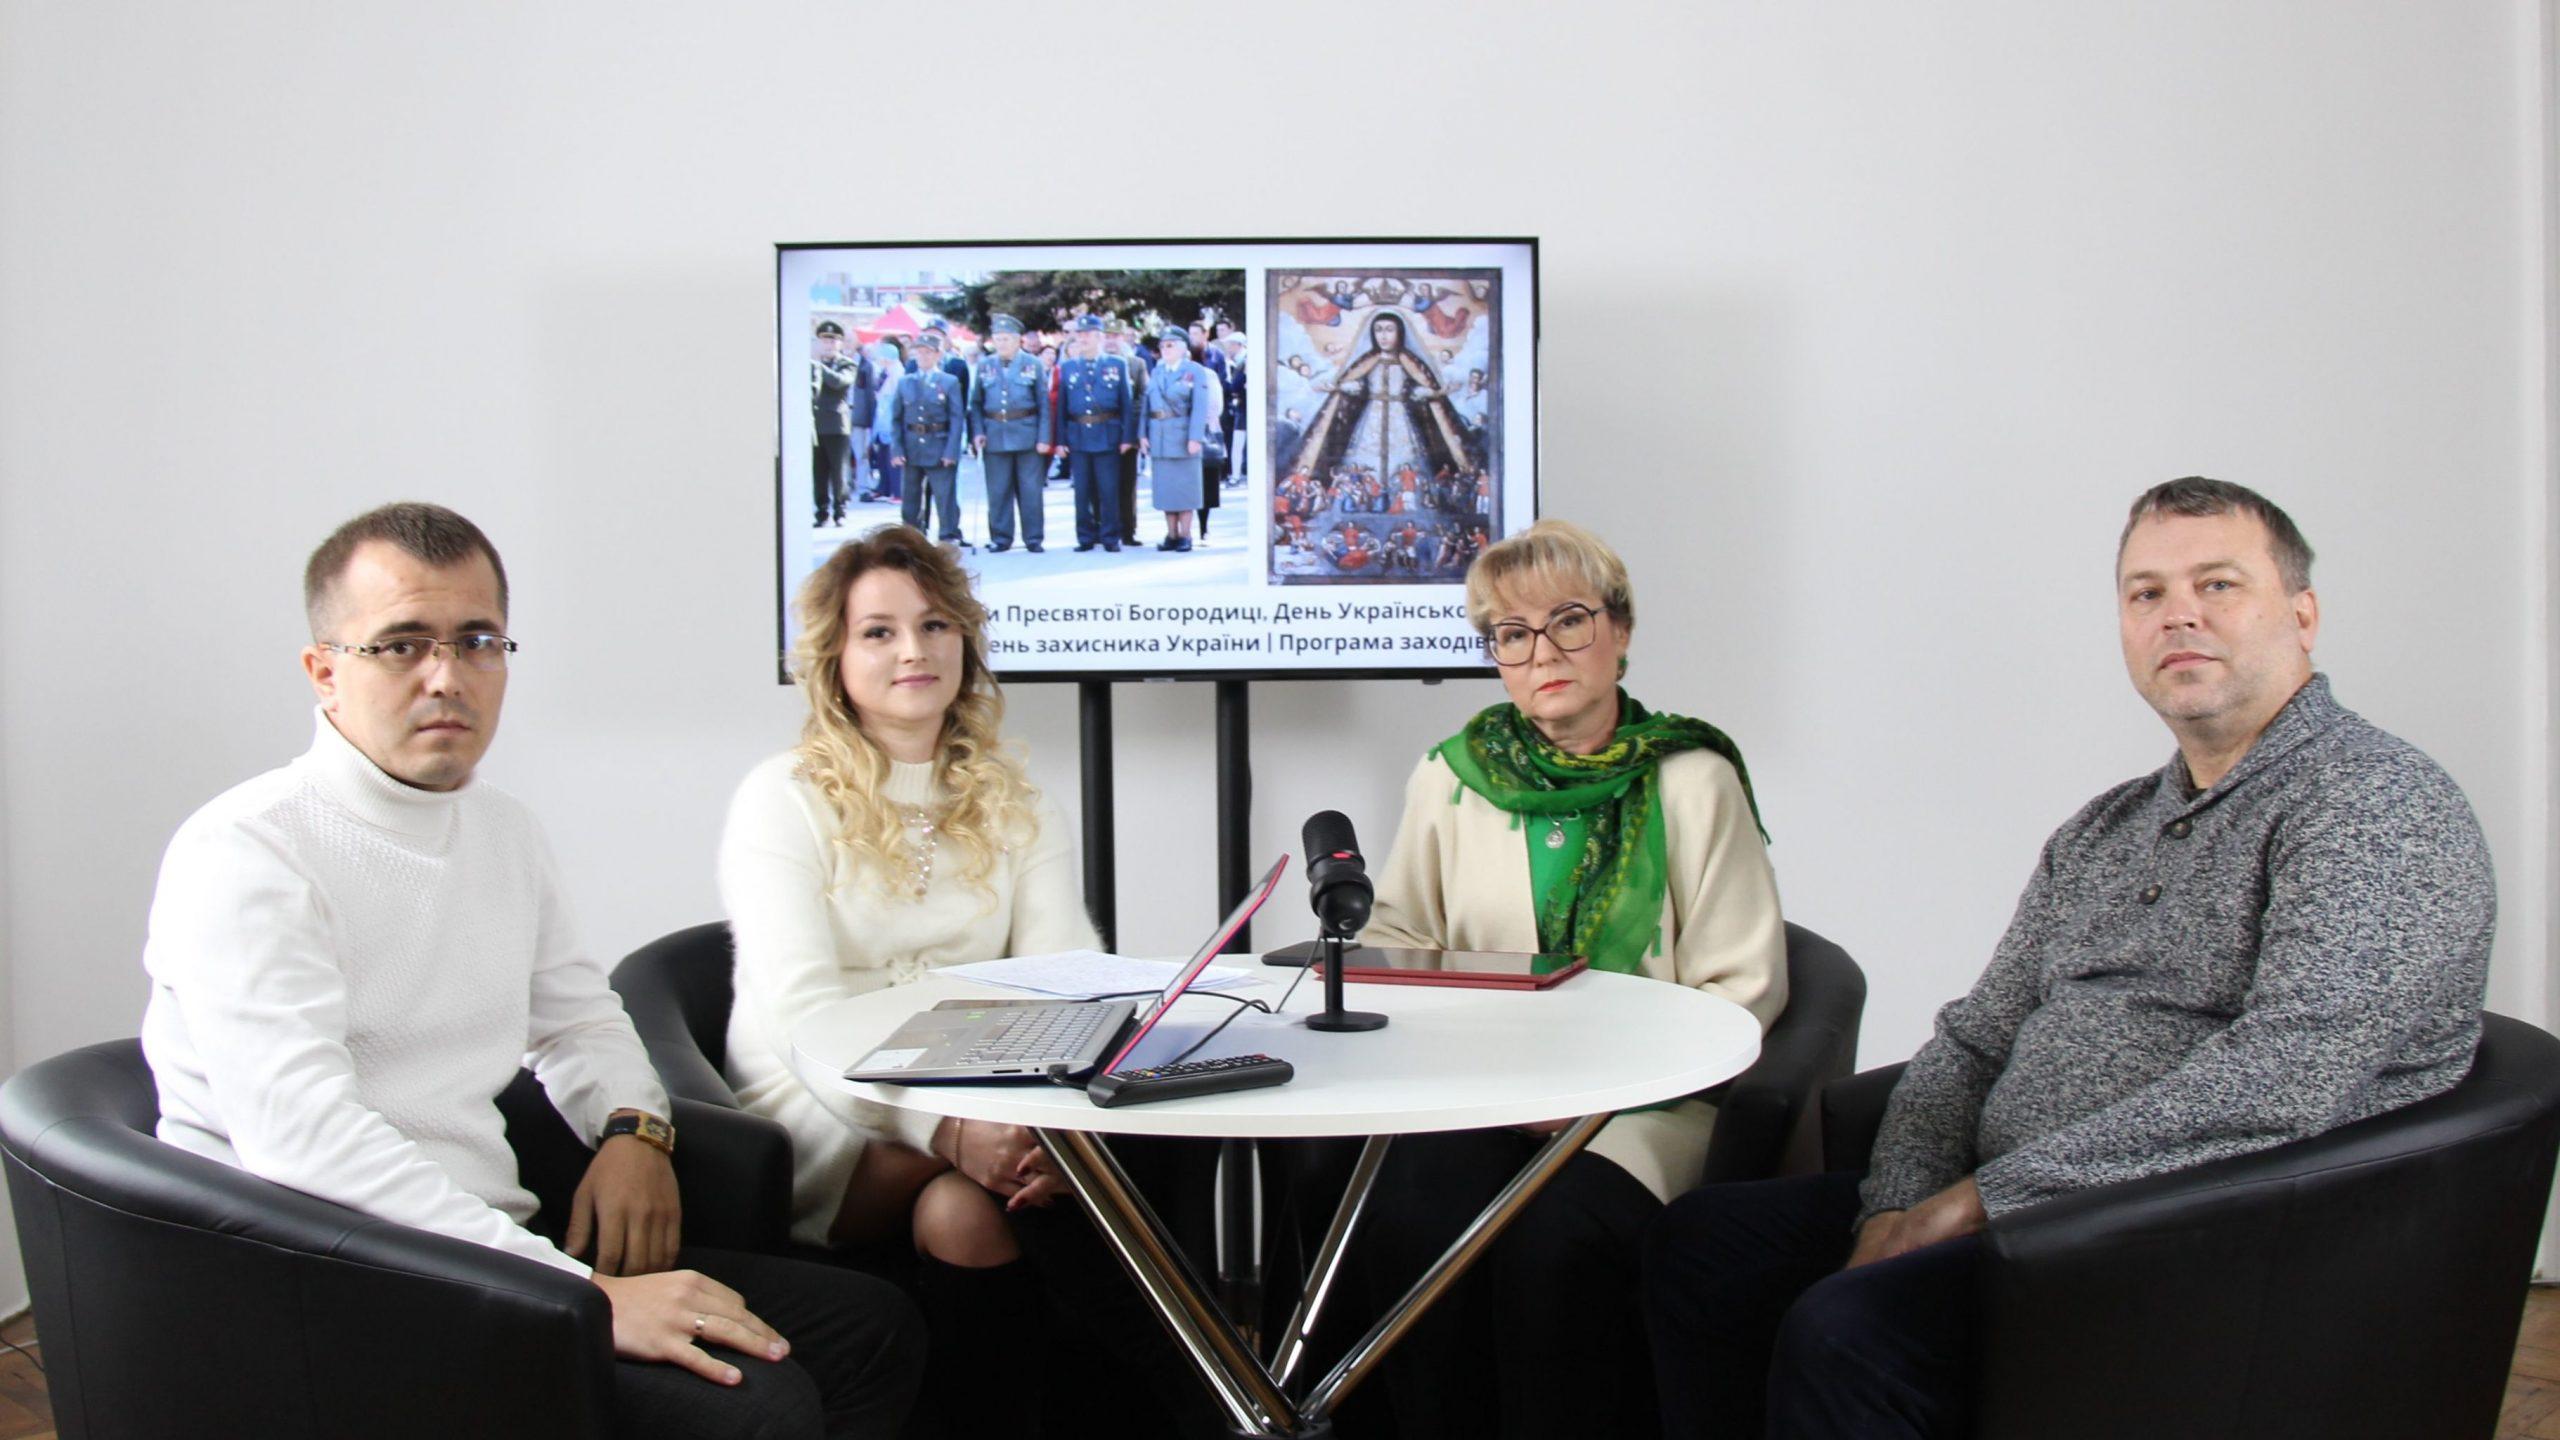 Культурно-мистецьке життя Дрогобицької громади   Медіа-центр «Дрогобич:»